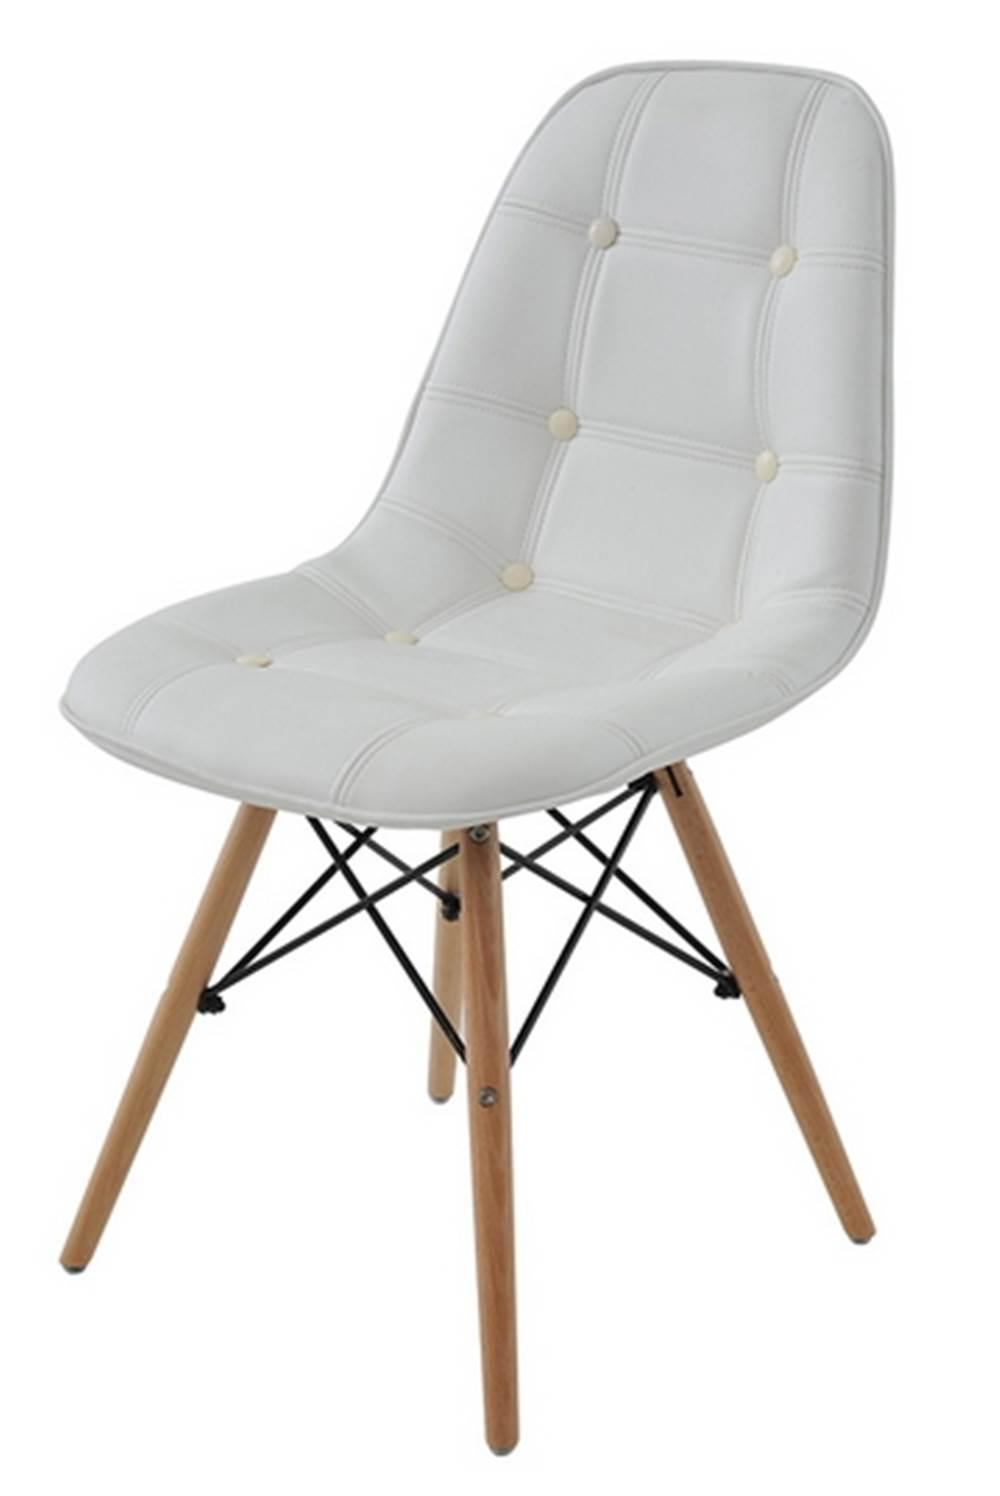 Cadeira Eames Eiffel Botone Branca Base Madeira - 27021